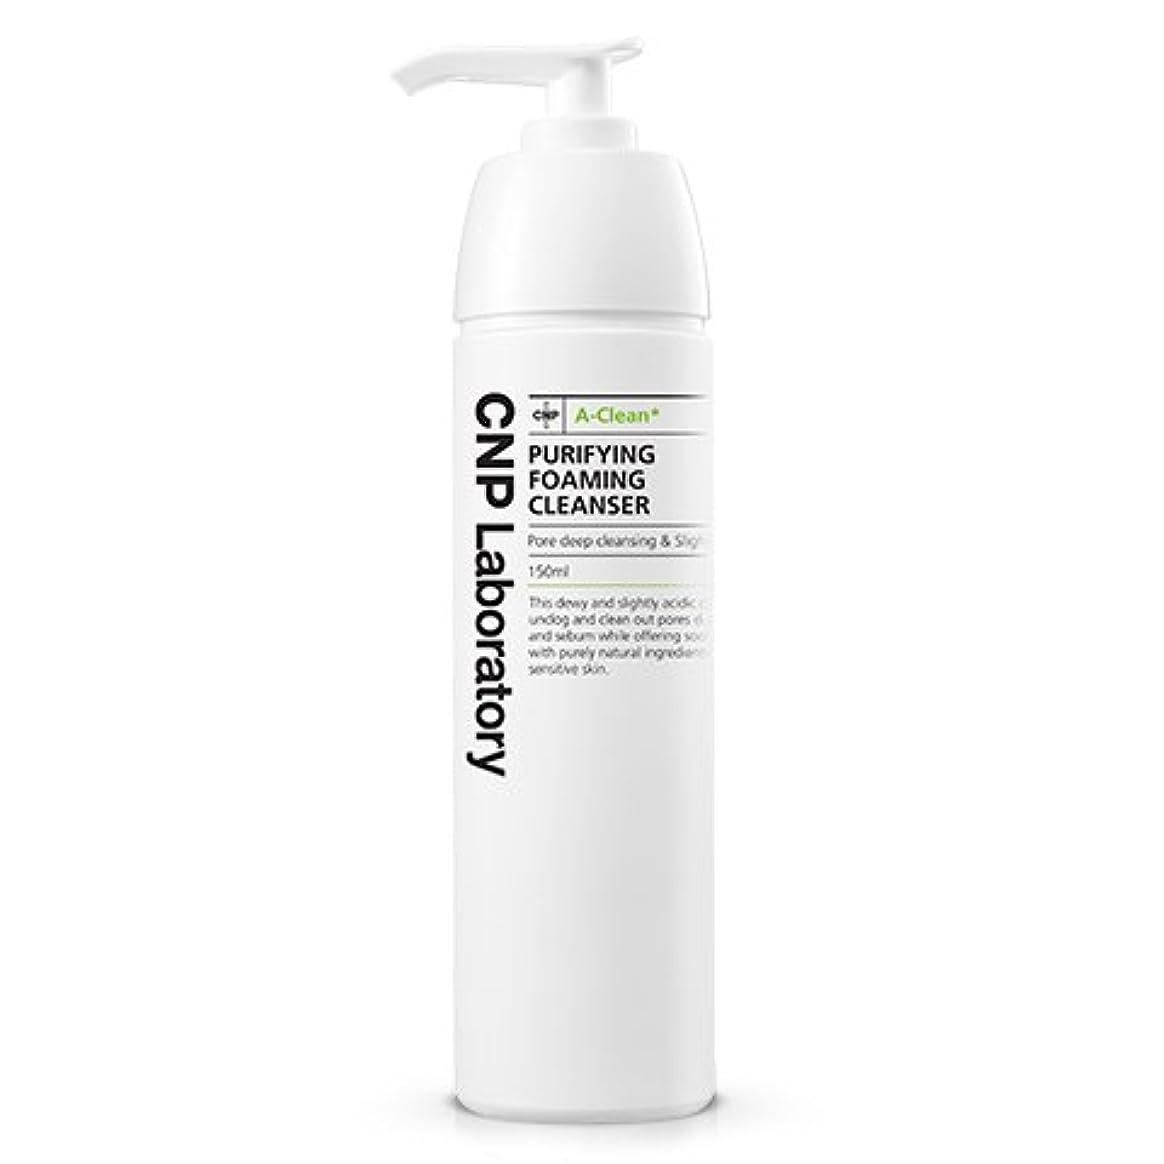 プロポーショナル整然とした構築するCNP Laboratory Aクリーンピーリングフォーミングクレンザー/A-Clean Purifying Foaming Cleanser 150ml [並行輸入品]